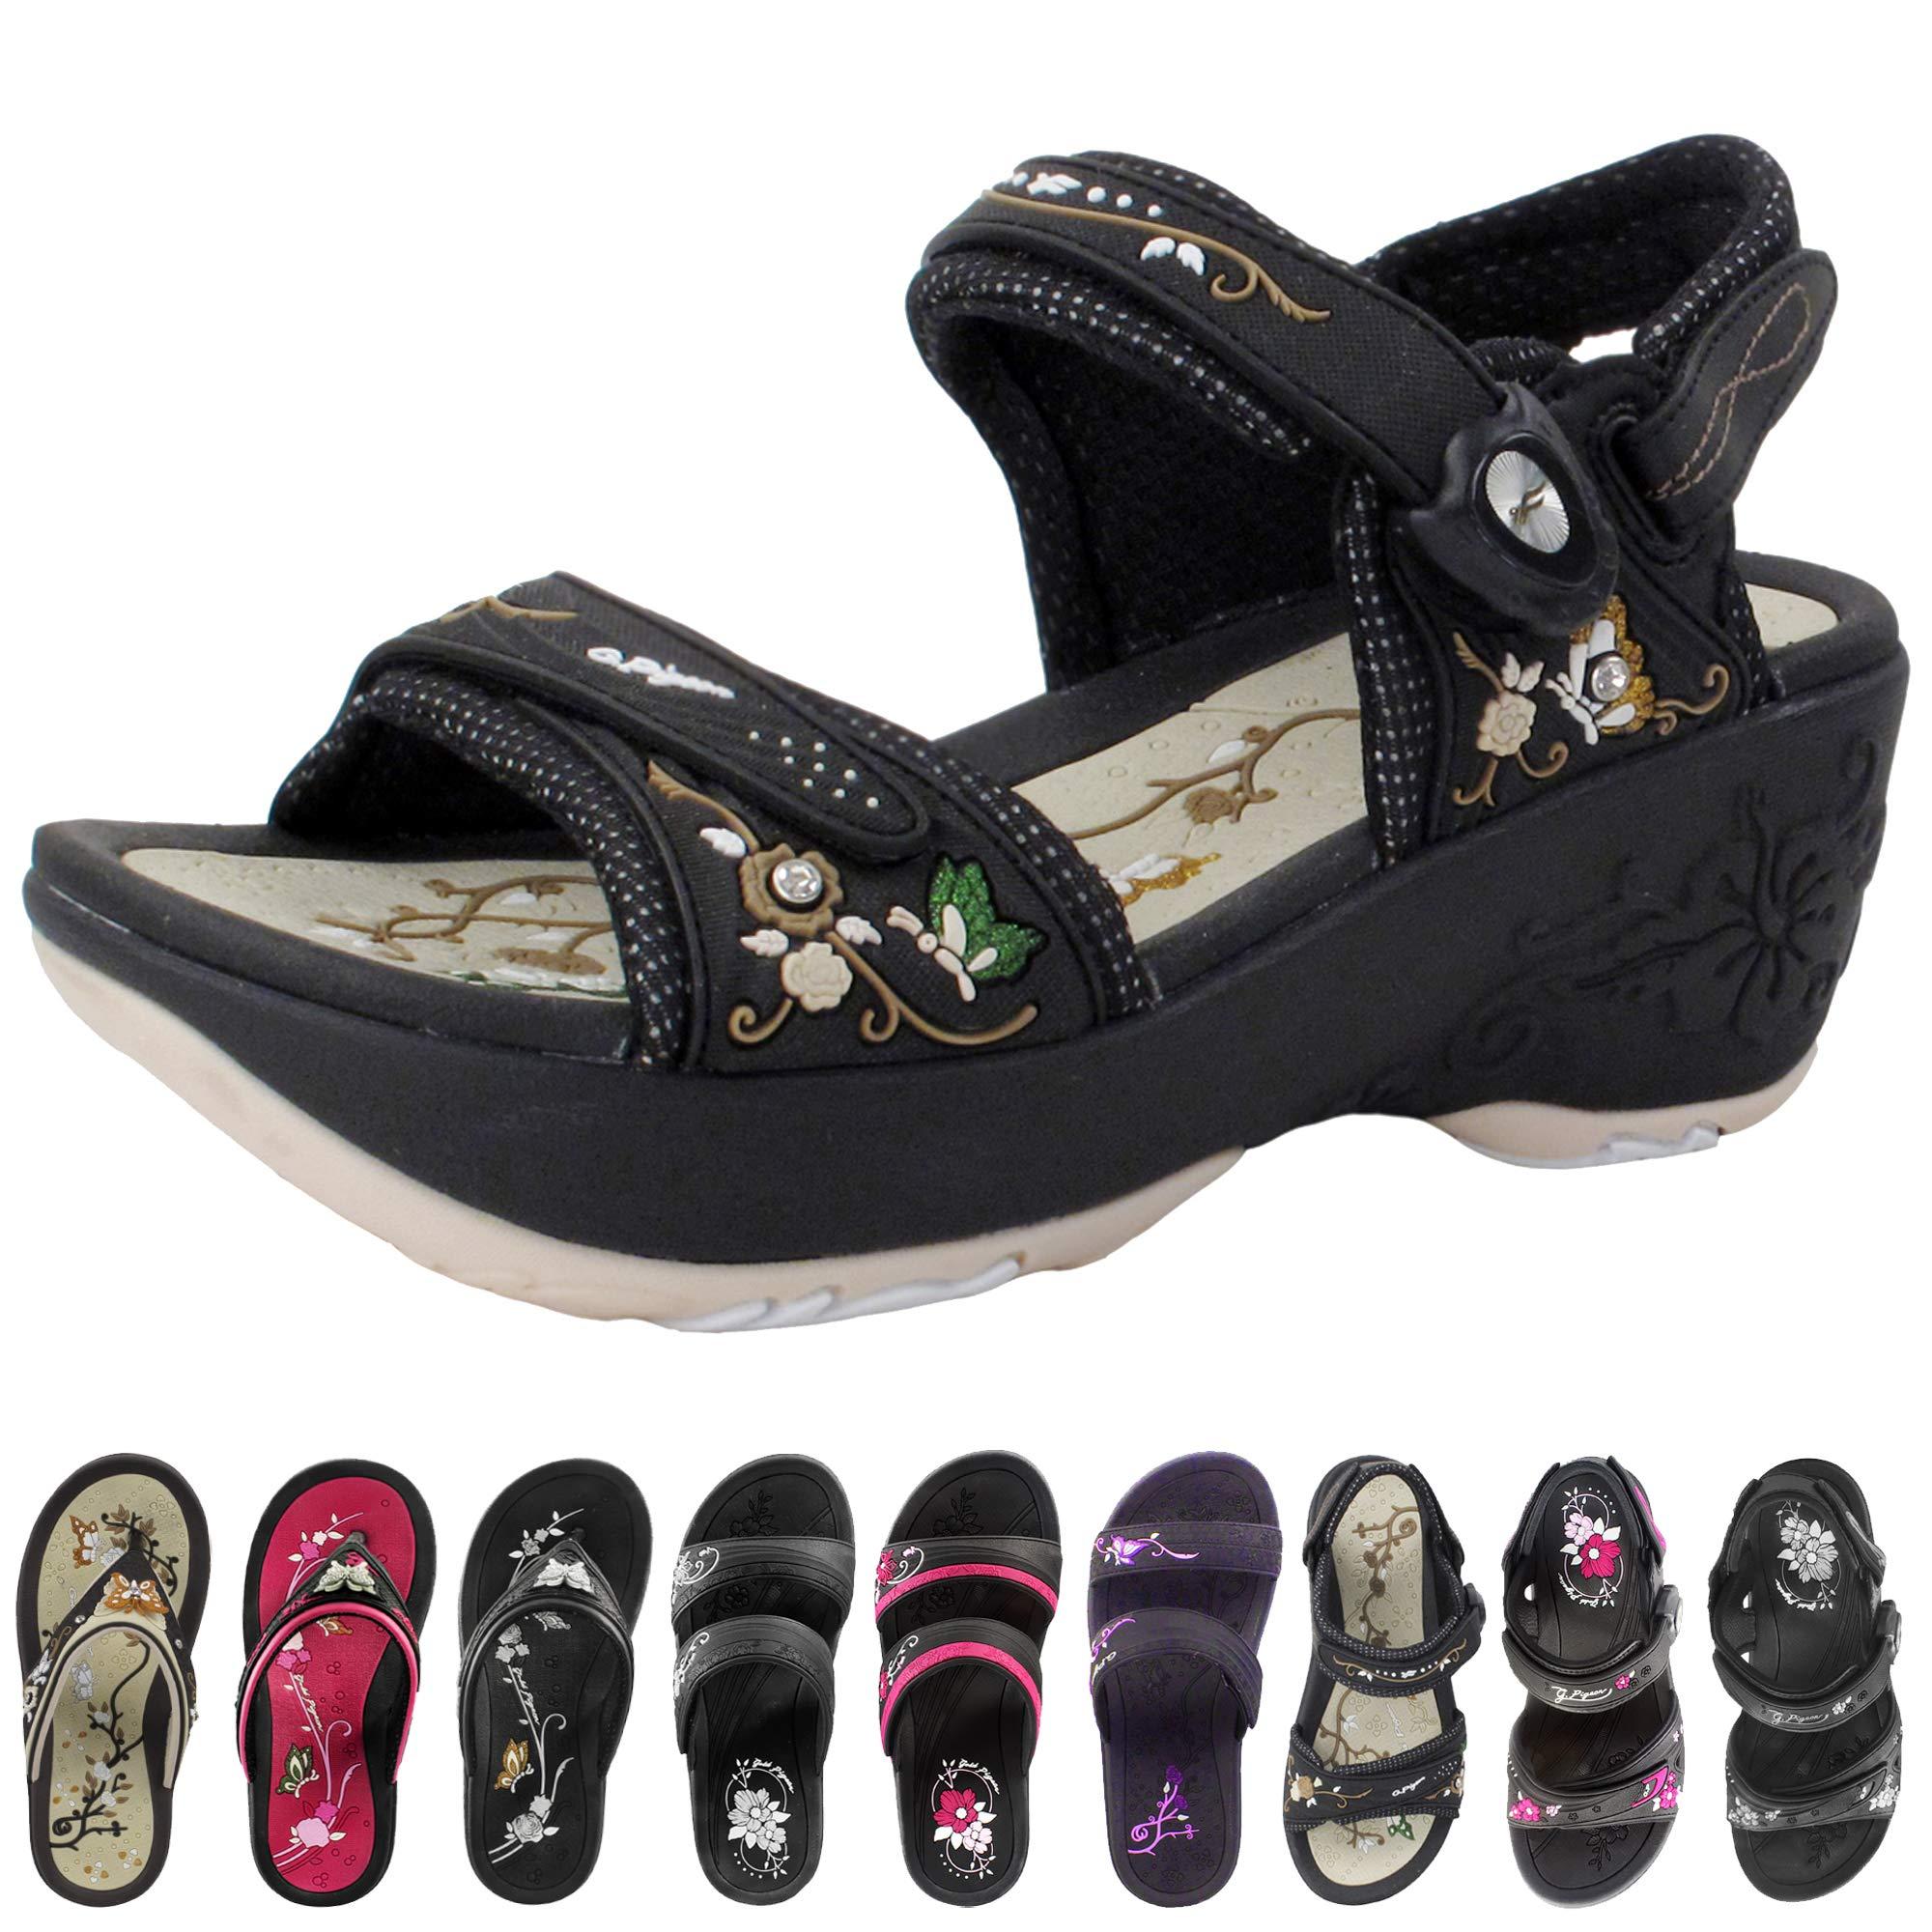 Gold Pigeon Shoes Wedge Sandals for Women: Comfort Flip Flops Slides & Strap Sandal (Size 4-8)